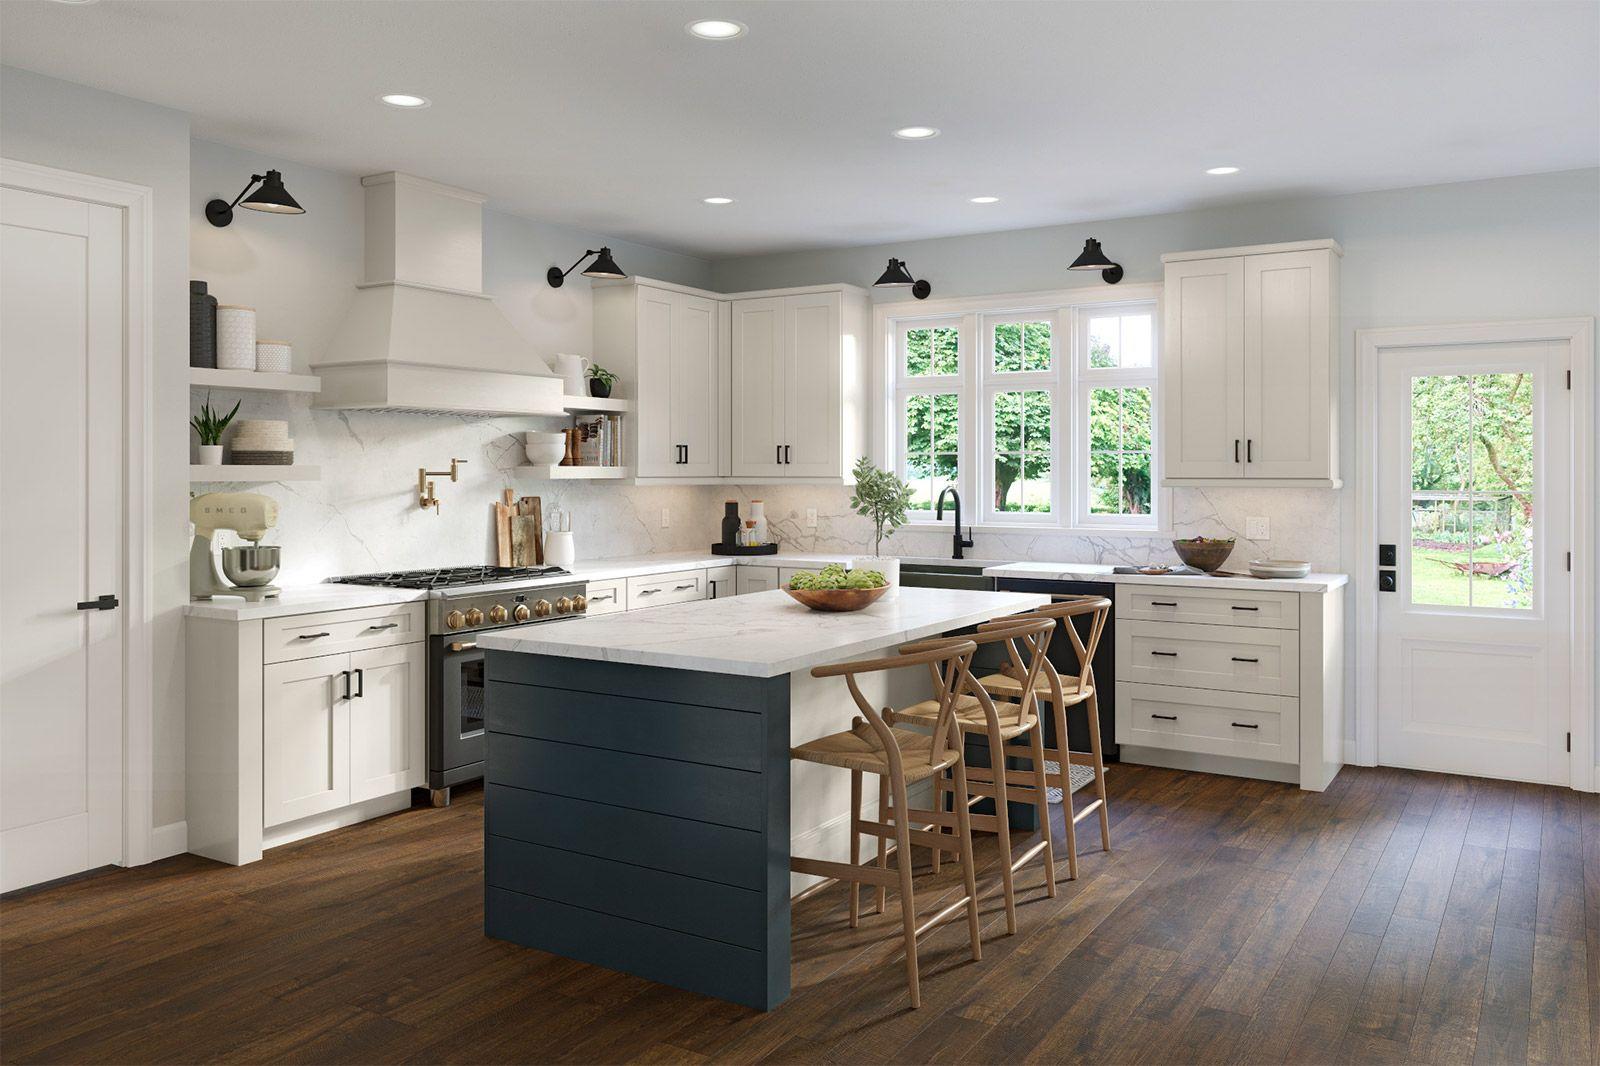 Allen Roth Cabinetry Tenley In 2020 Kitchen Remodel Kitchen Redo Kitchen Design